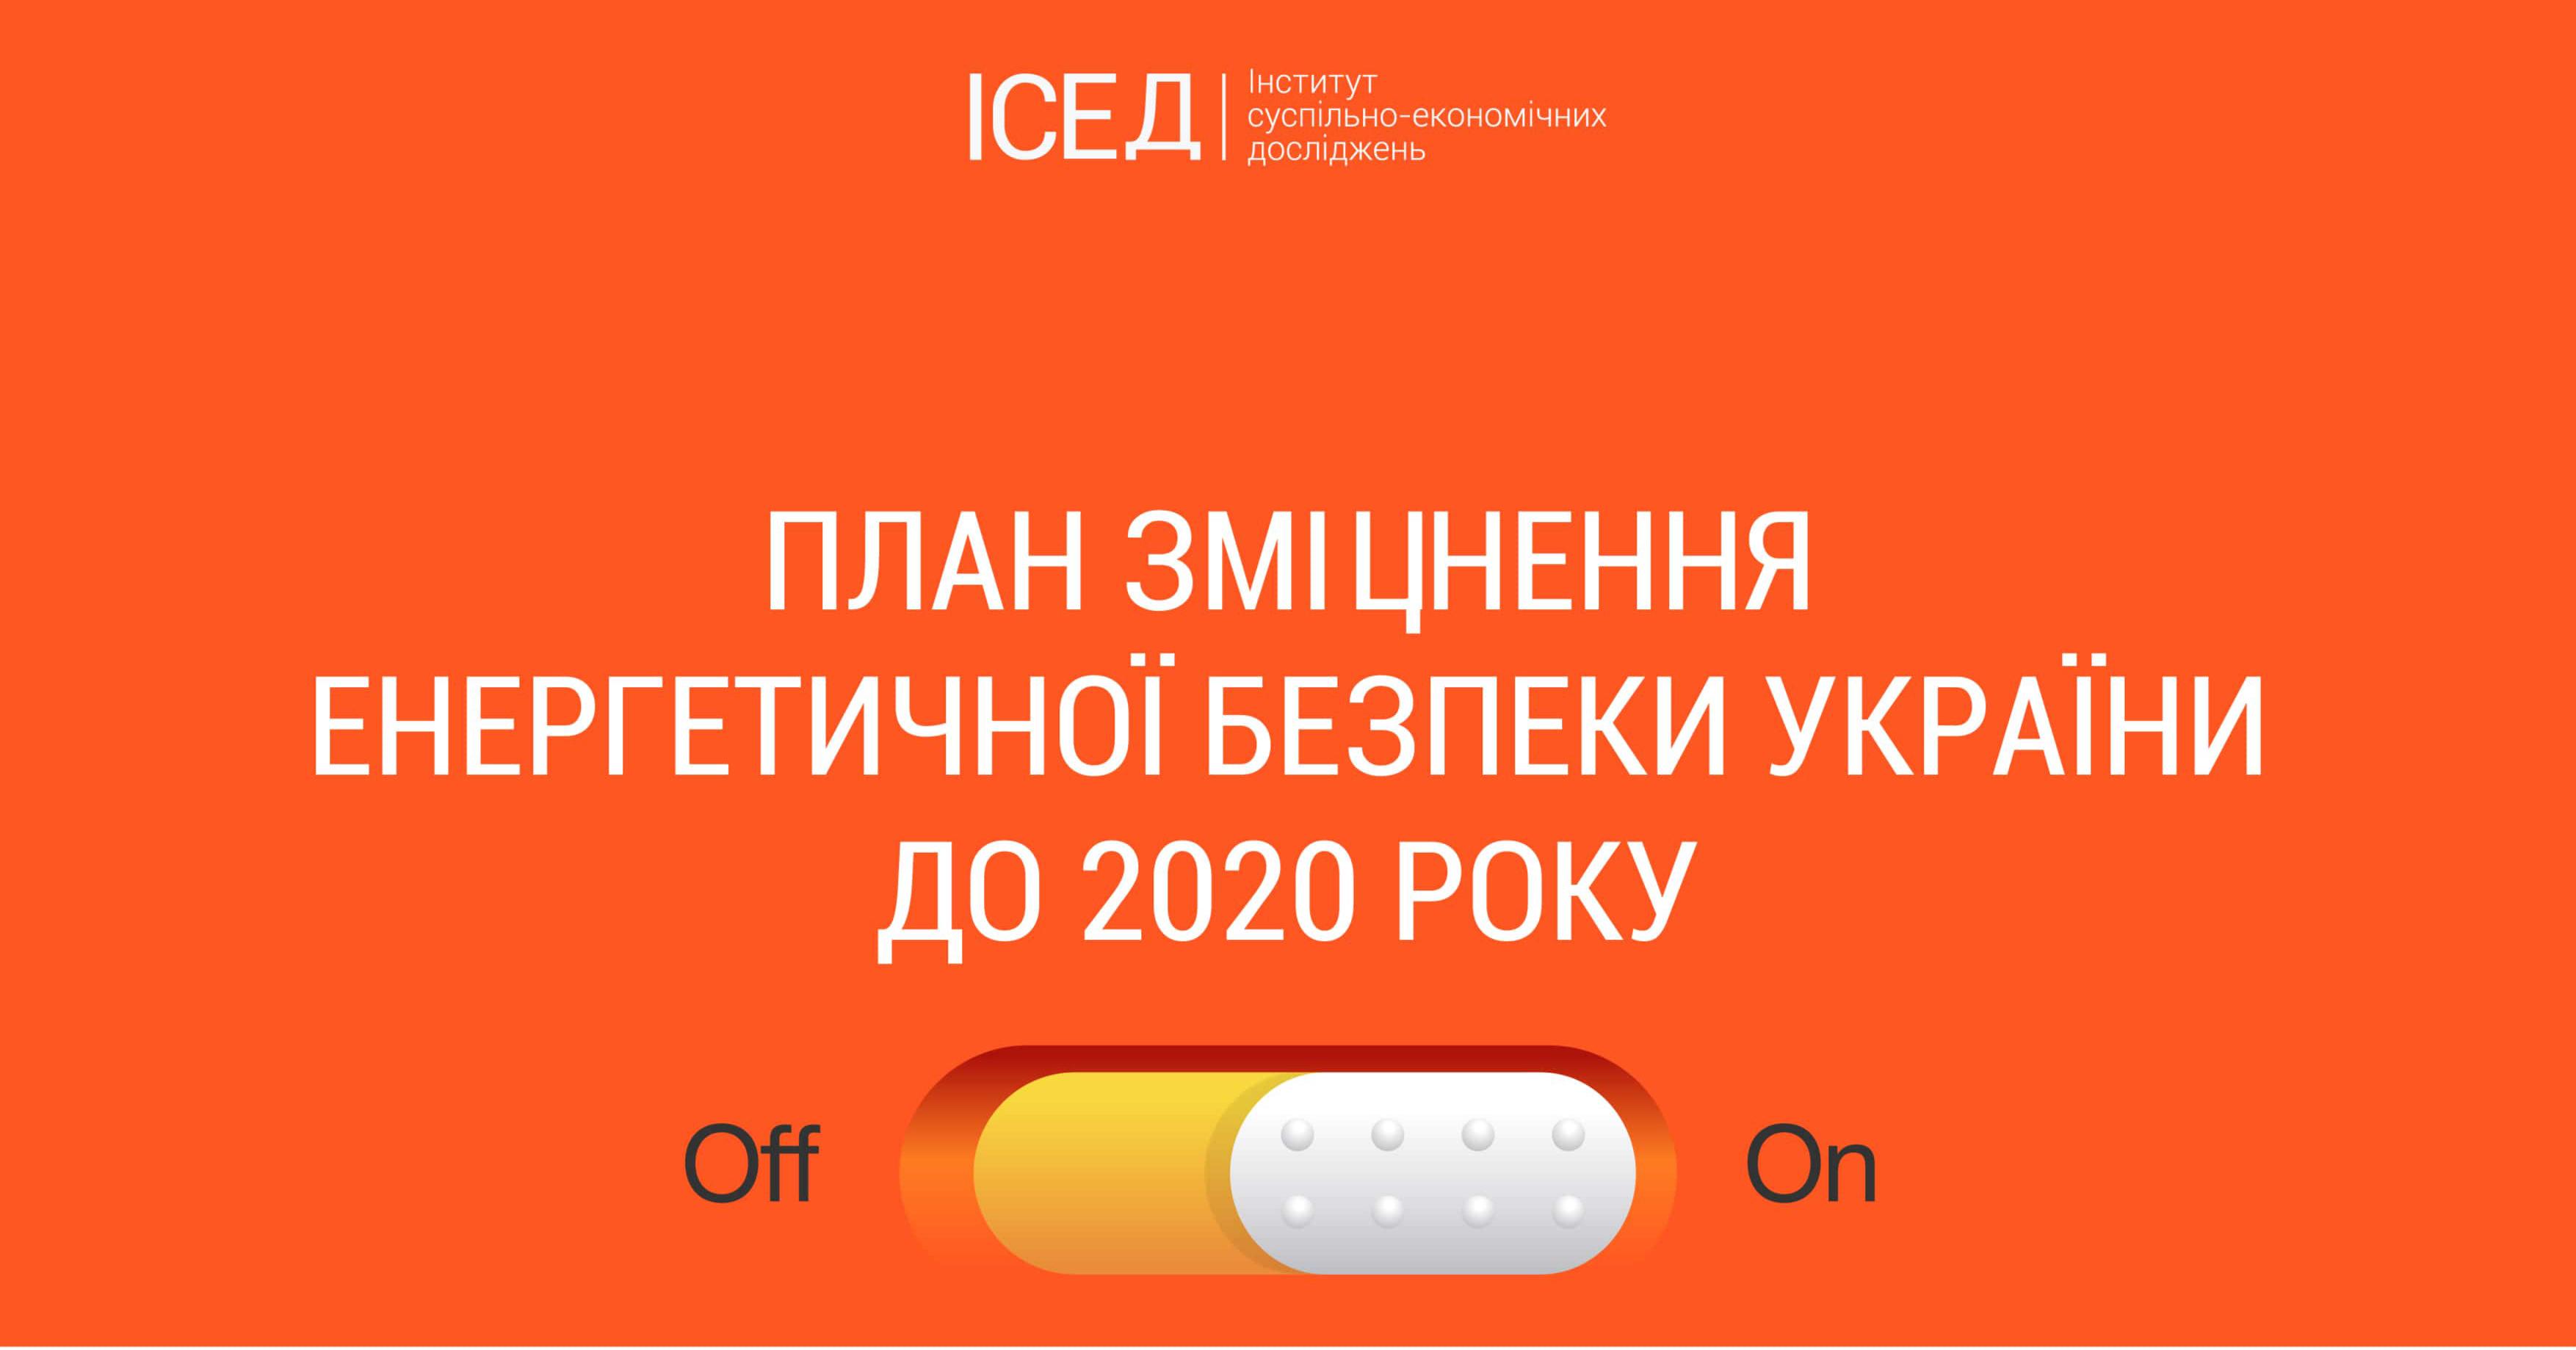 ПРЕС-АНОНС Smart Talk «Енергетична безпека України»